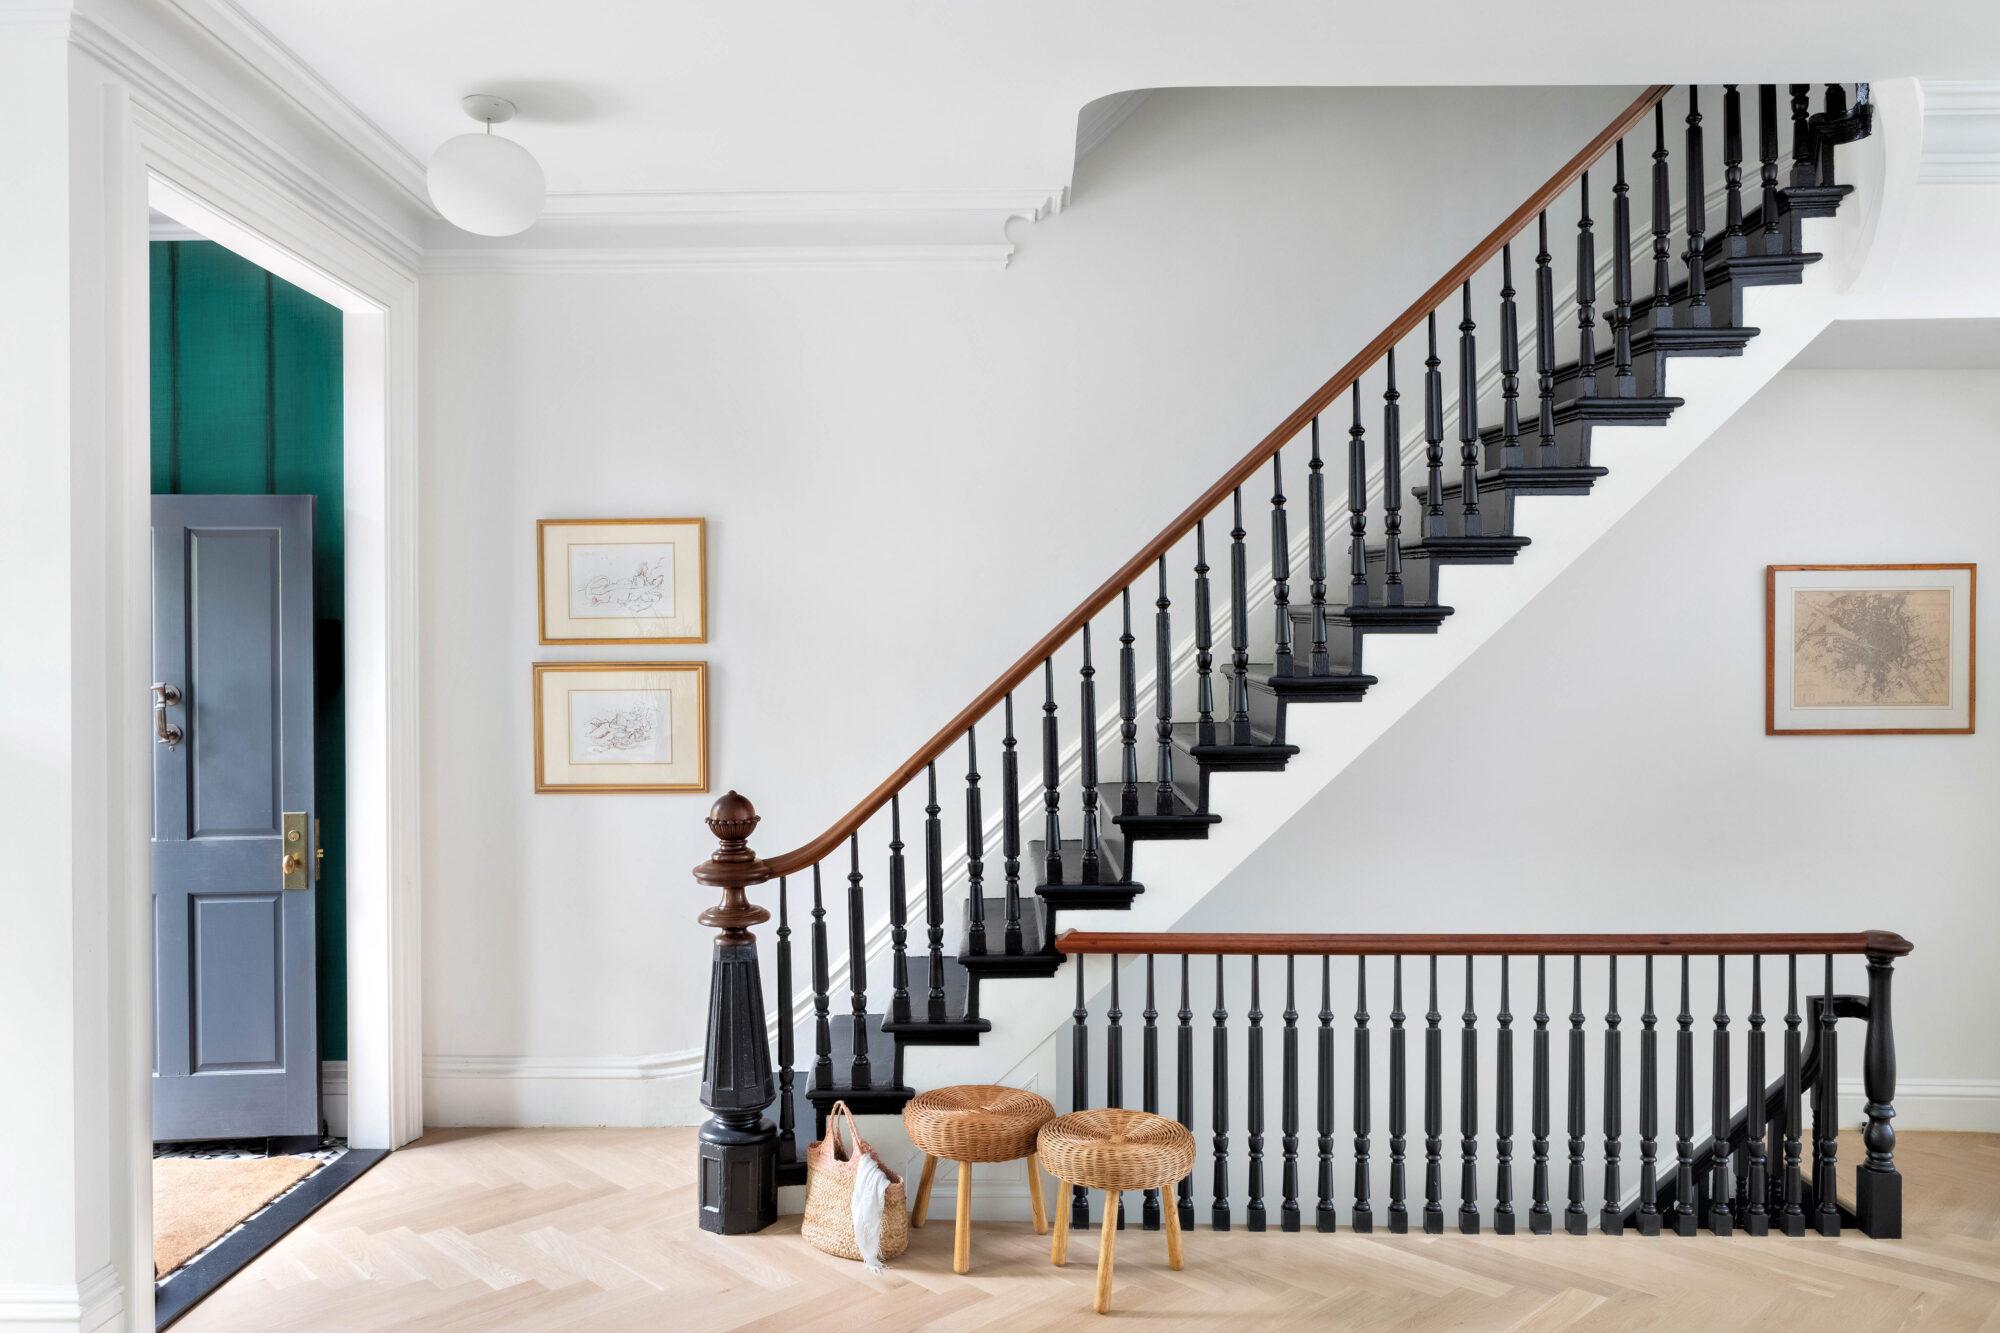 Brooklyn Stairwell